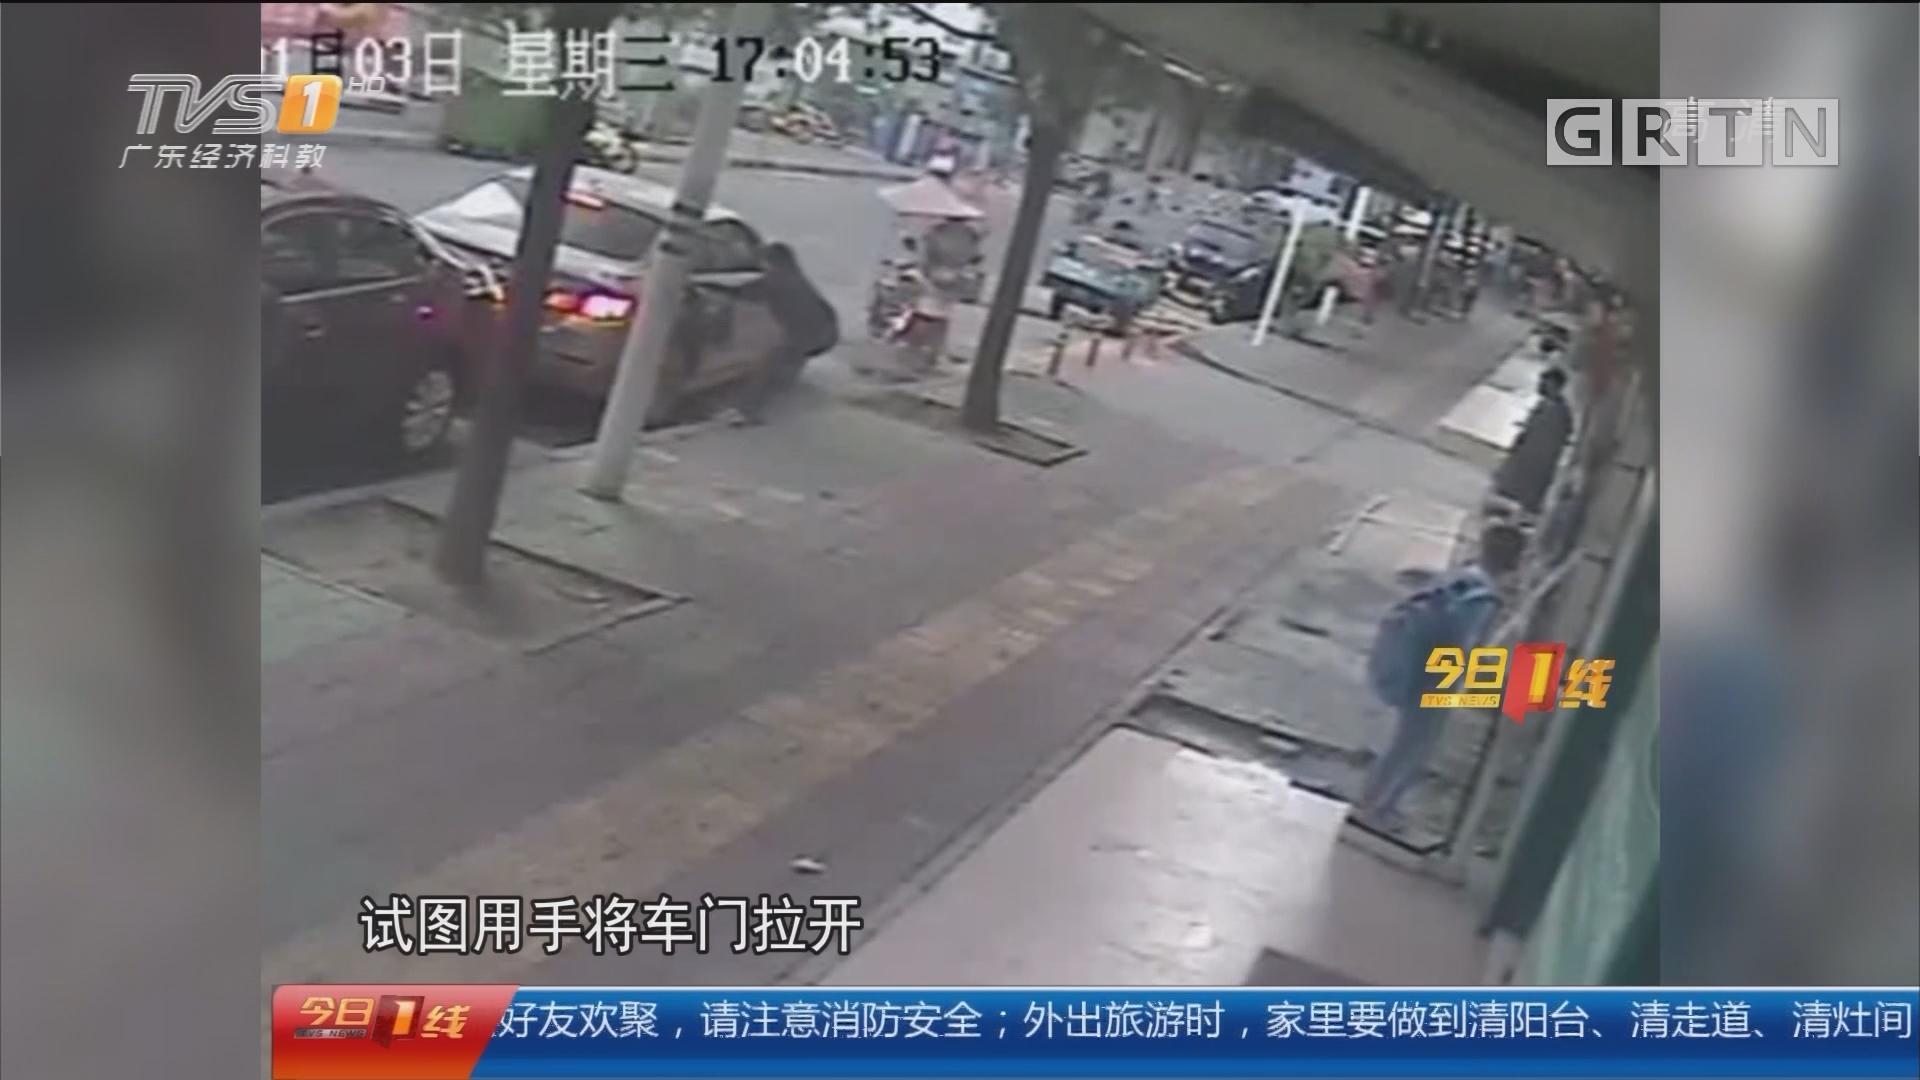 深圳宝安:神秘男当街抢娃 身份之谜被揭开